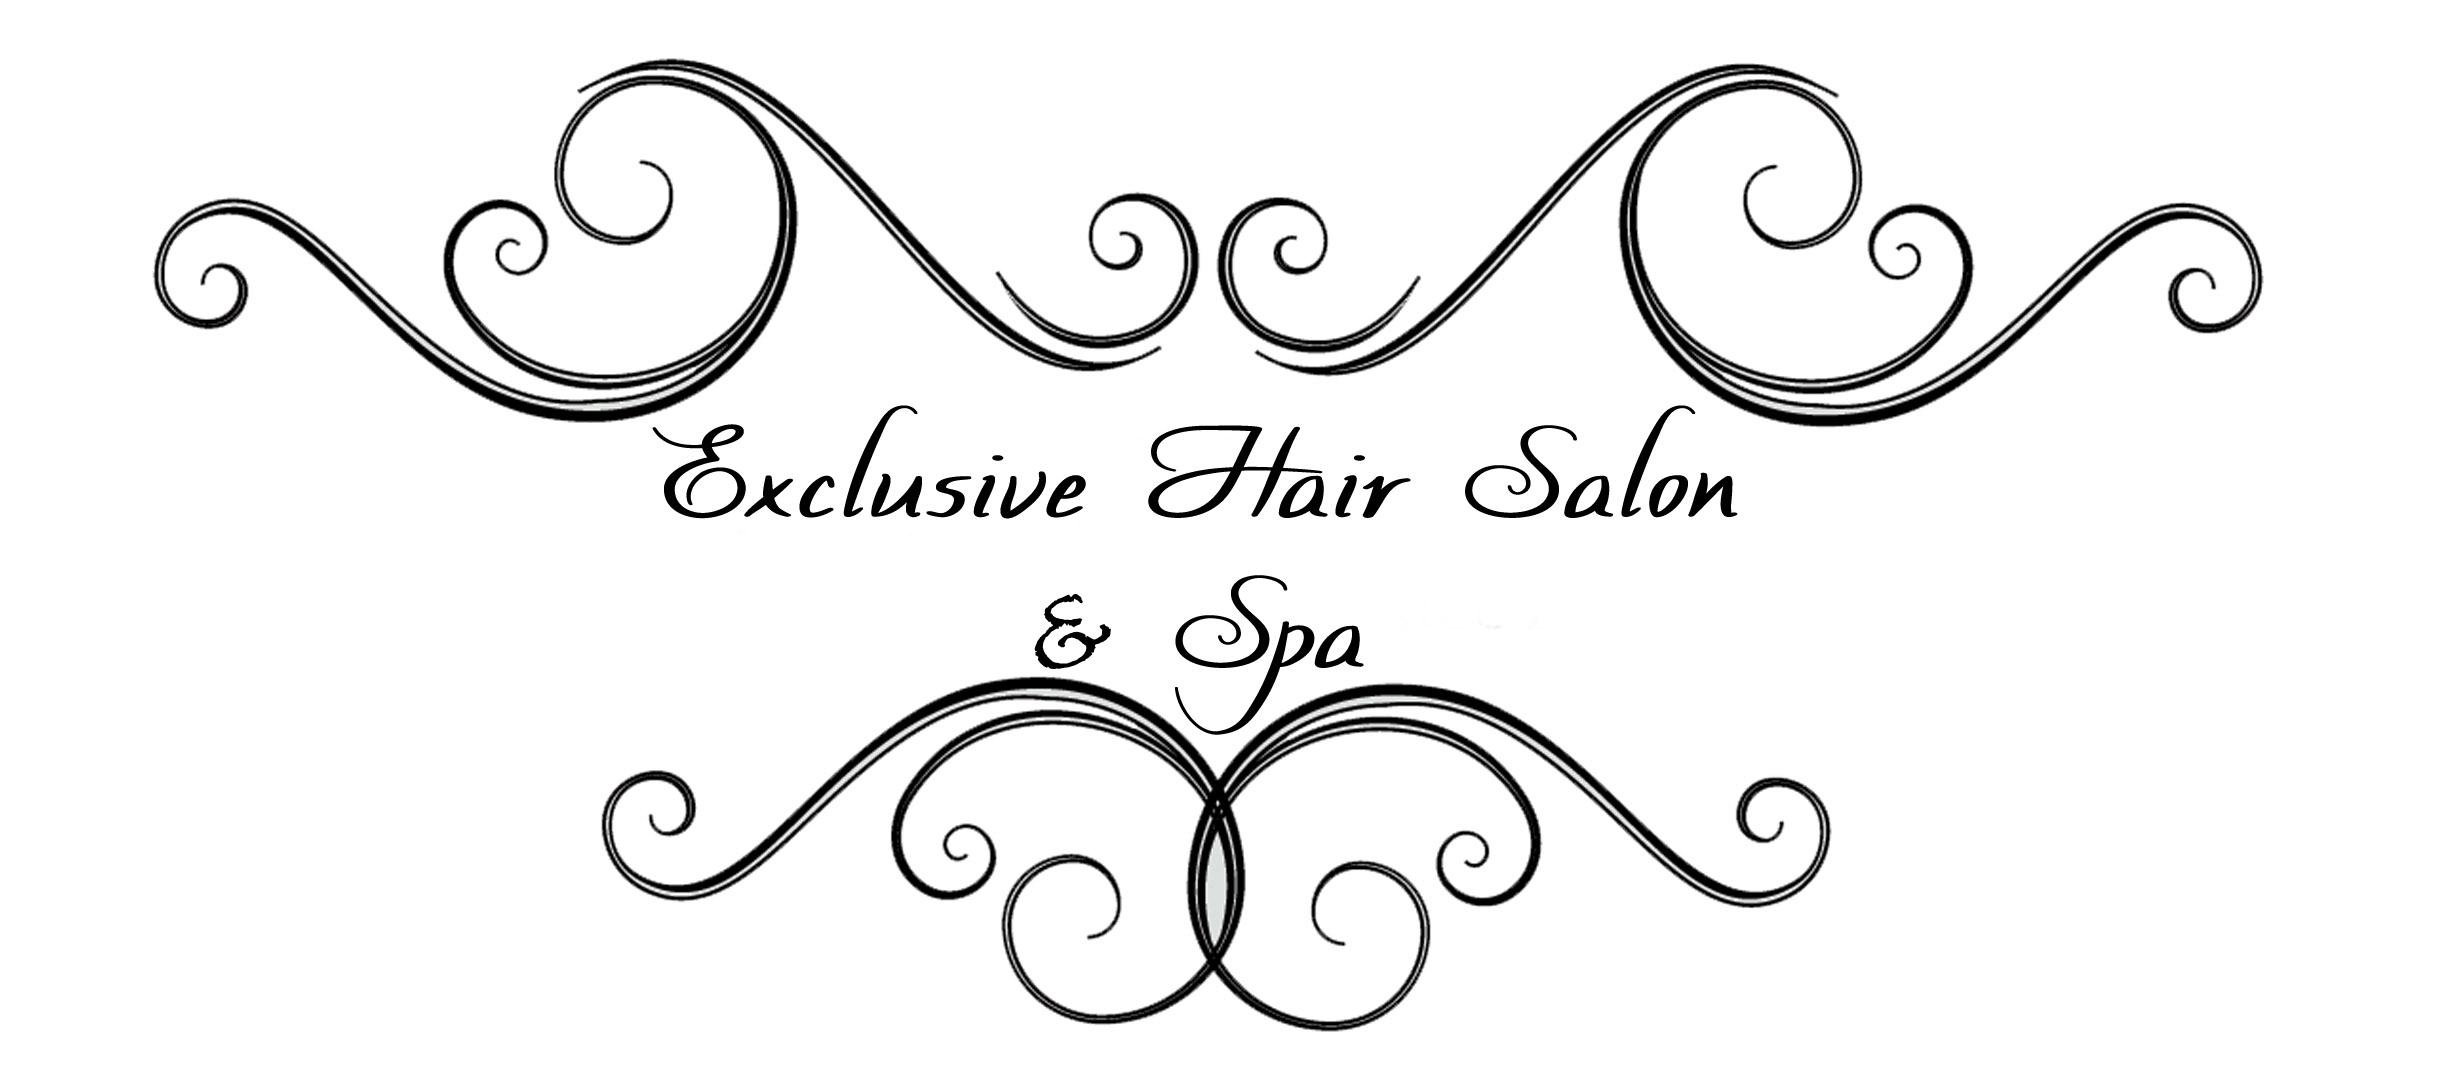 Exclusive Hair Salon & Spa